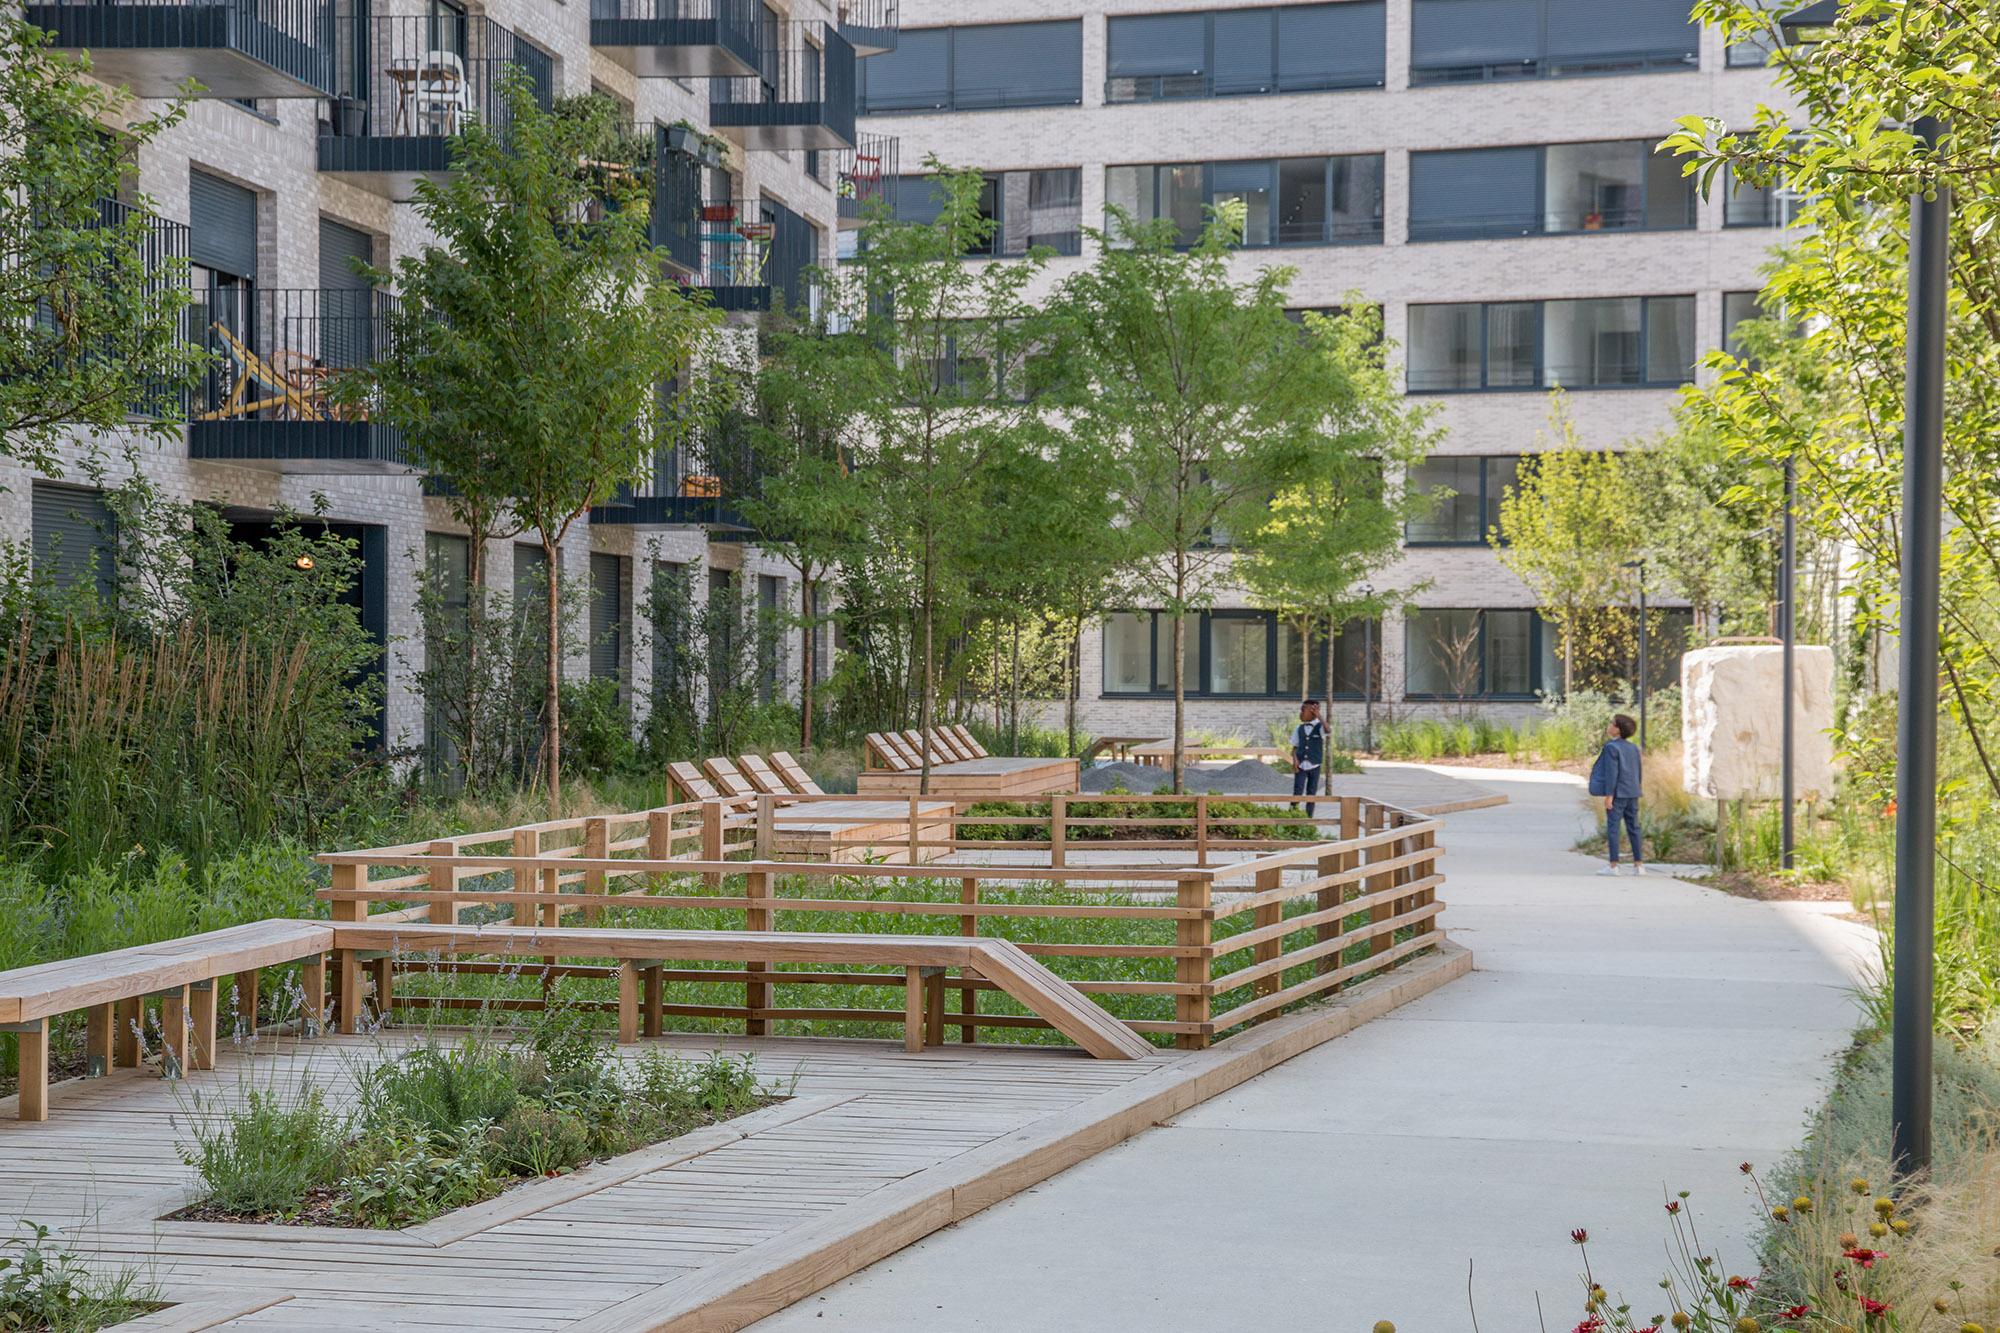 Le jardin communautaire avec l'aire de jardinage partagé - Opération - Pantin Canal - Emerige